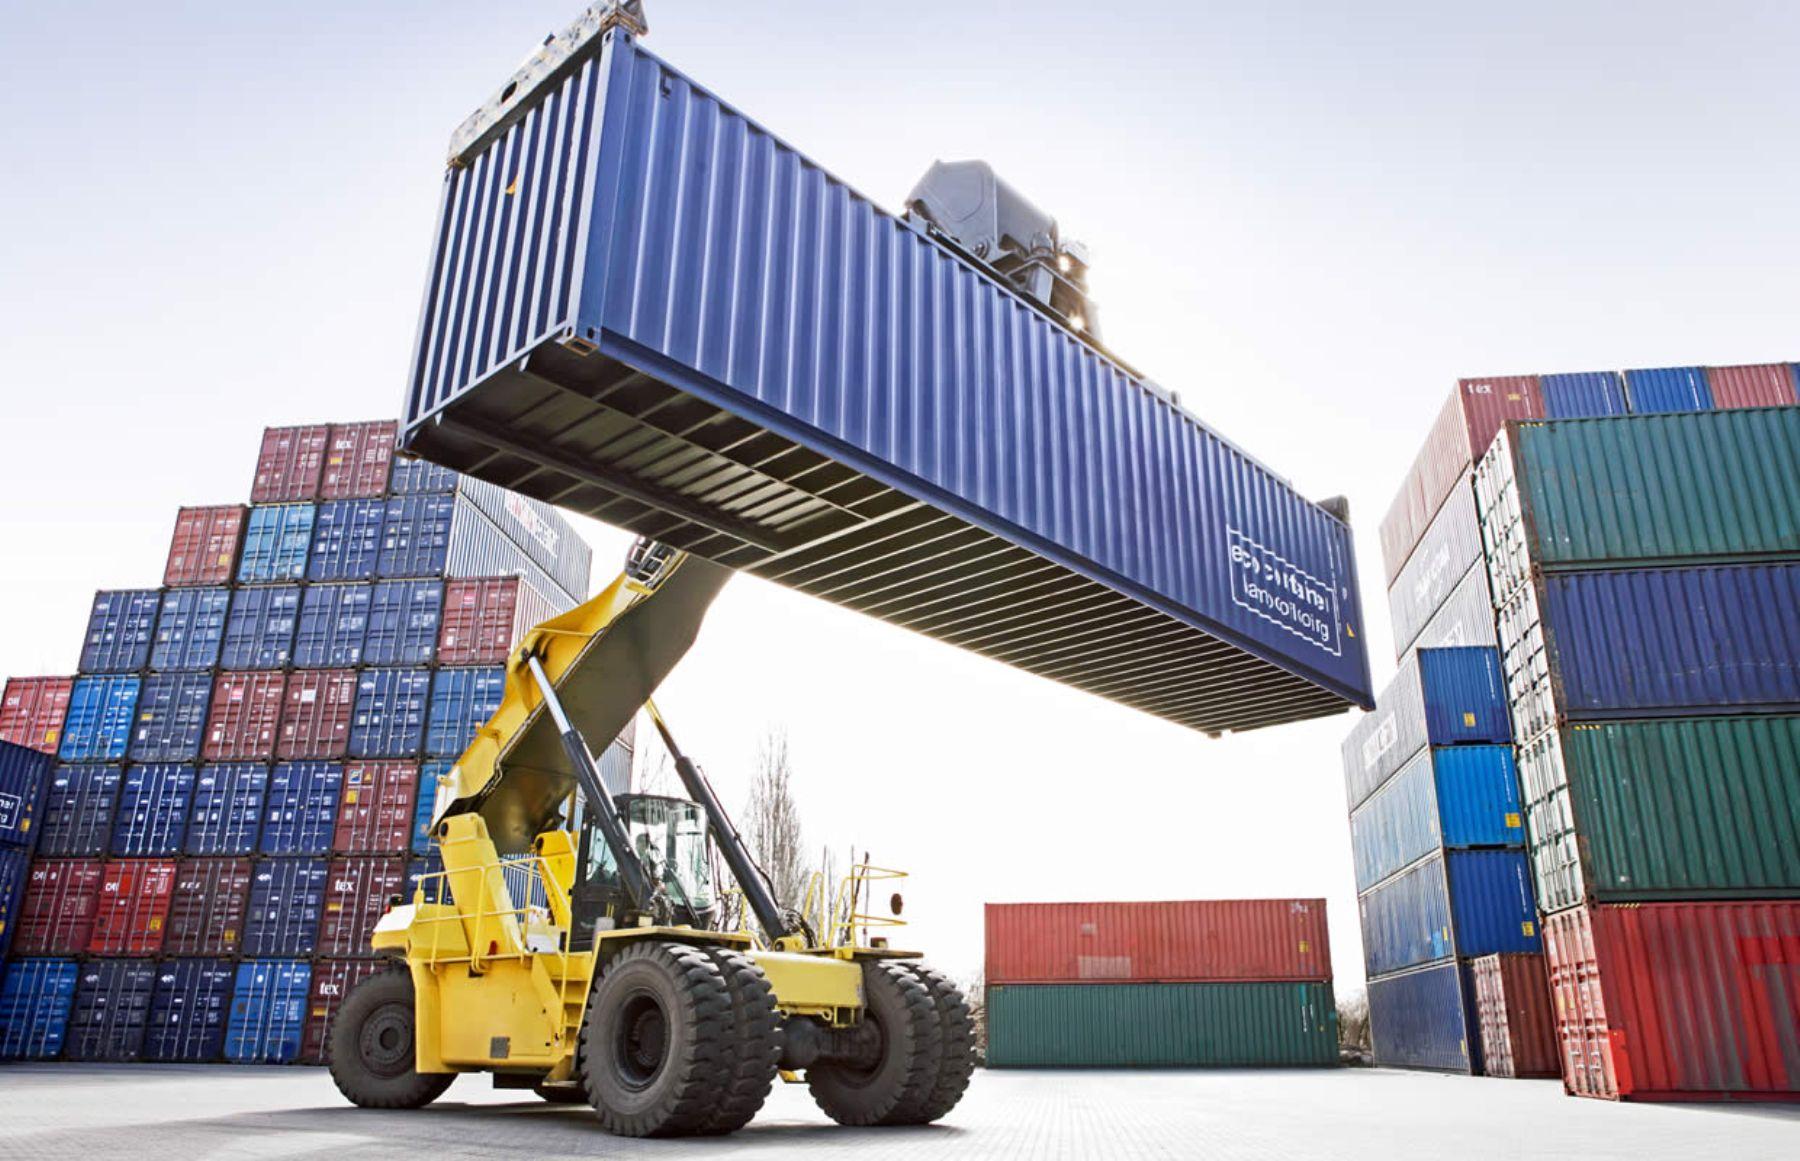 El saldo es negativo por compras en el exterior. Importaciones crecieron 6,3 % en noviembre de 2019 | Nacional | Economía | EL FRENTE